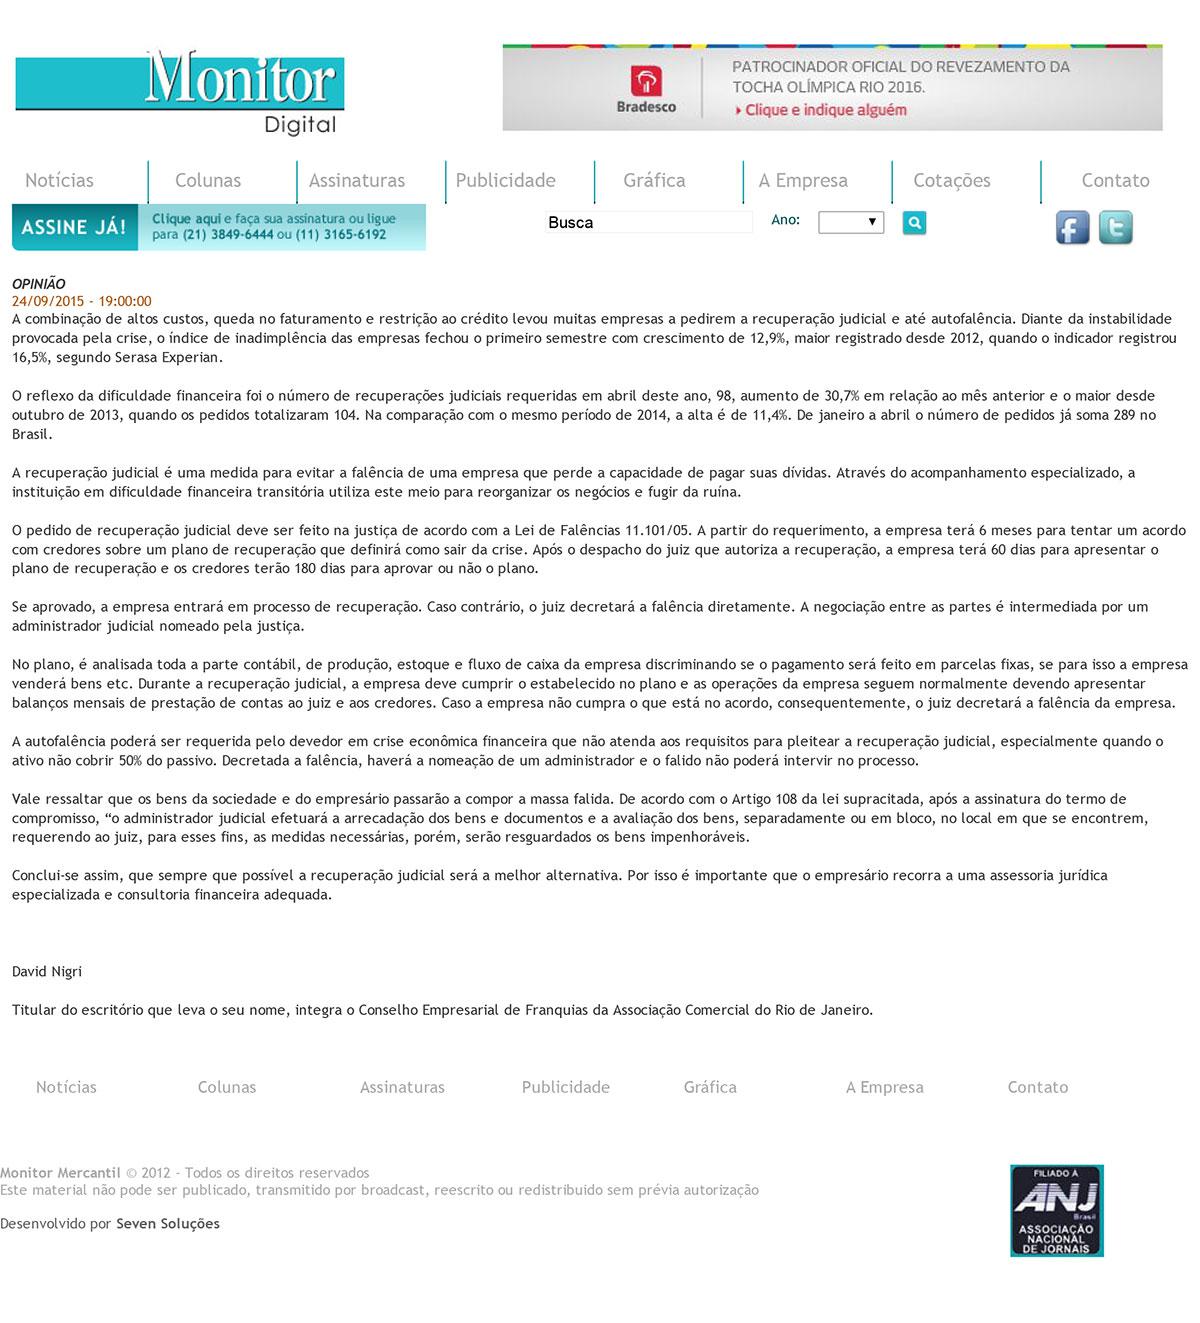 recuperacao-judicial-e-autofalencia-monitor-mercantil